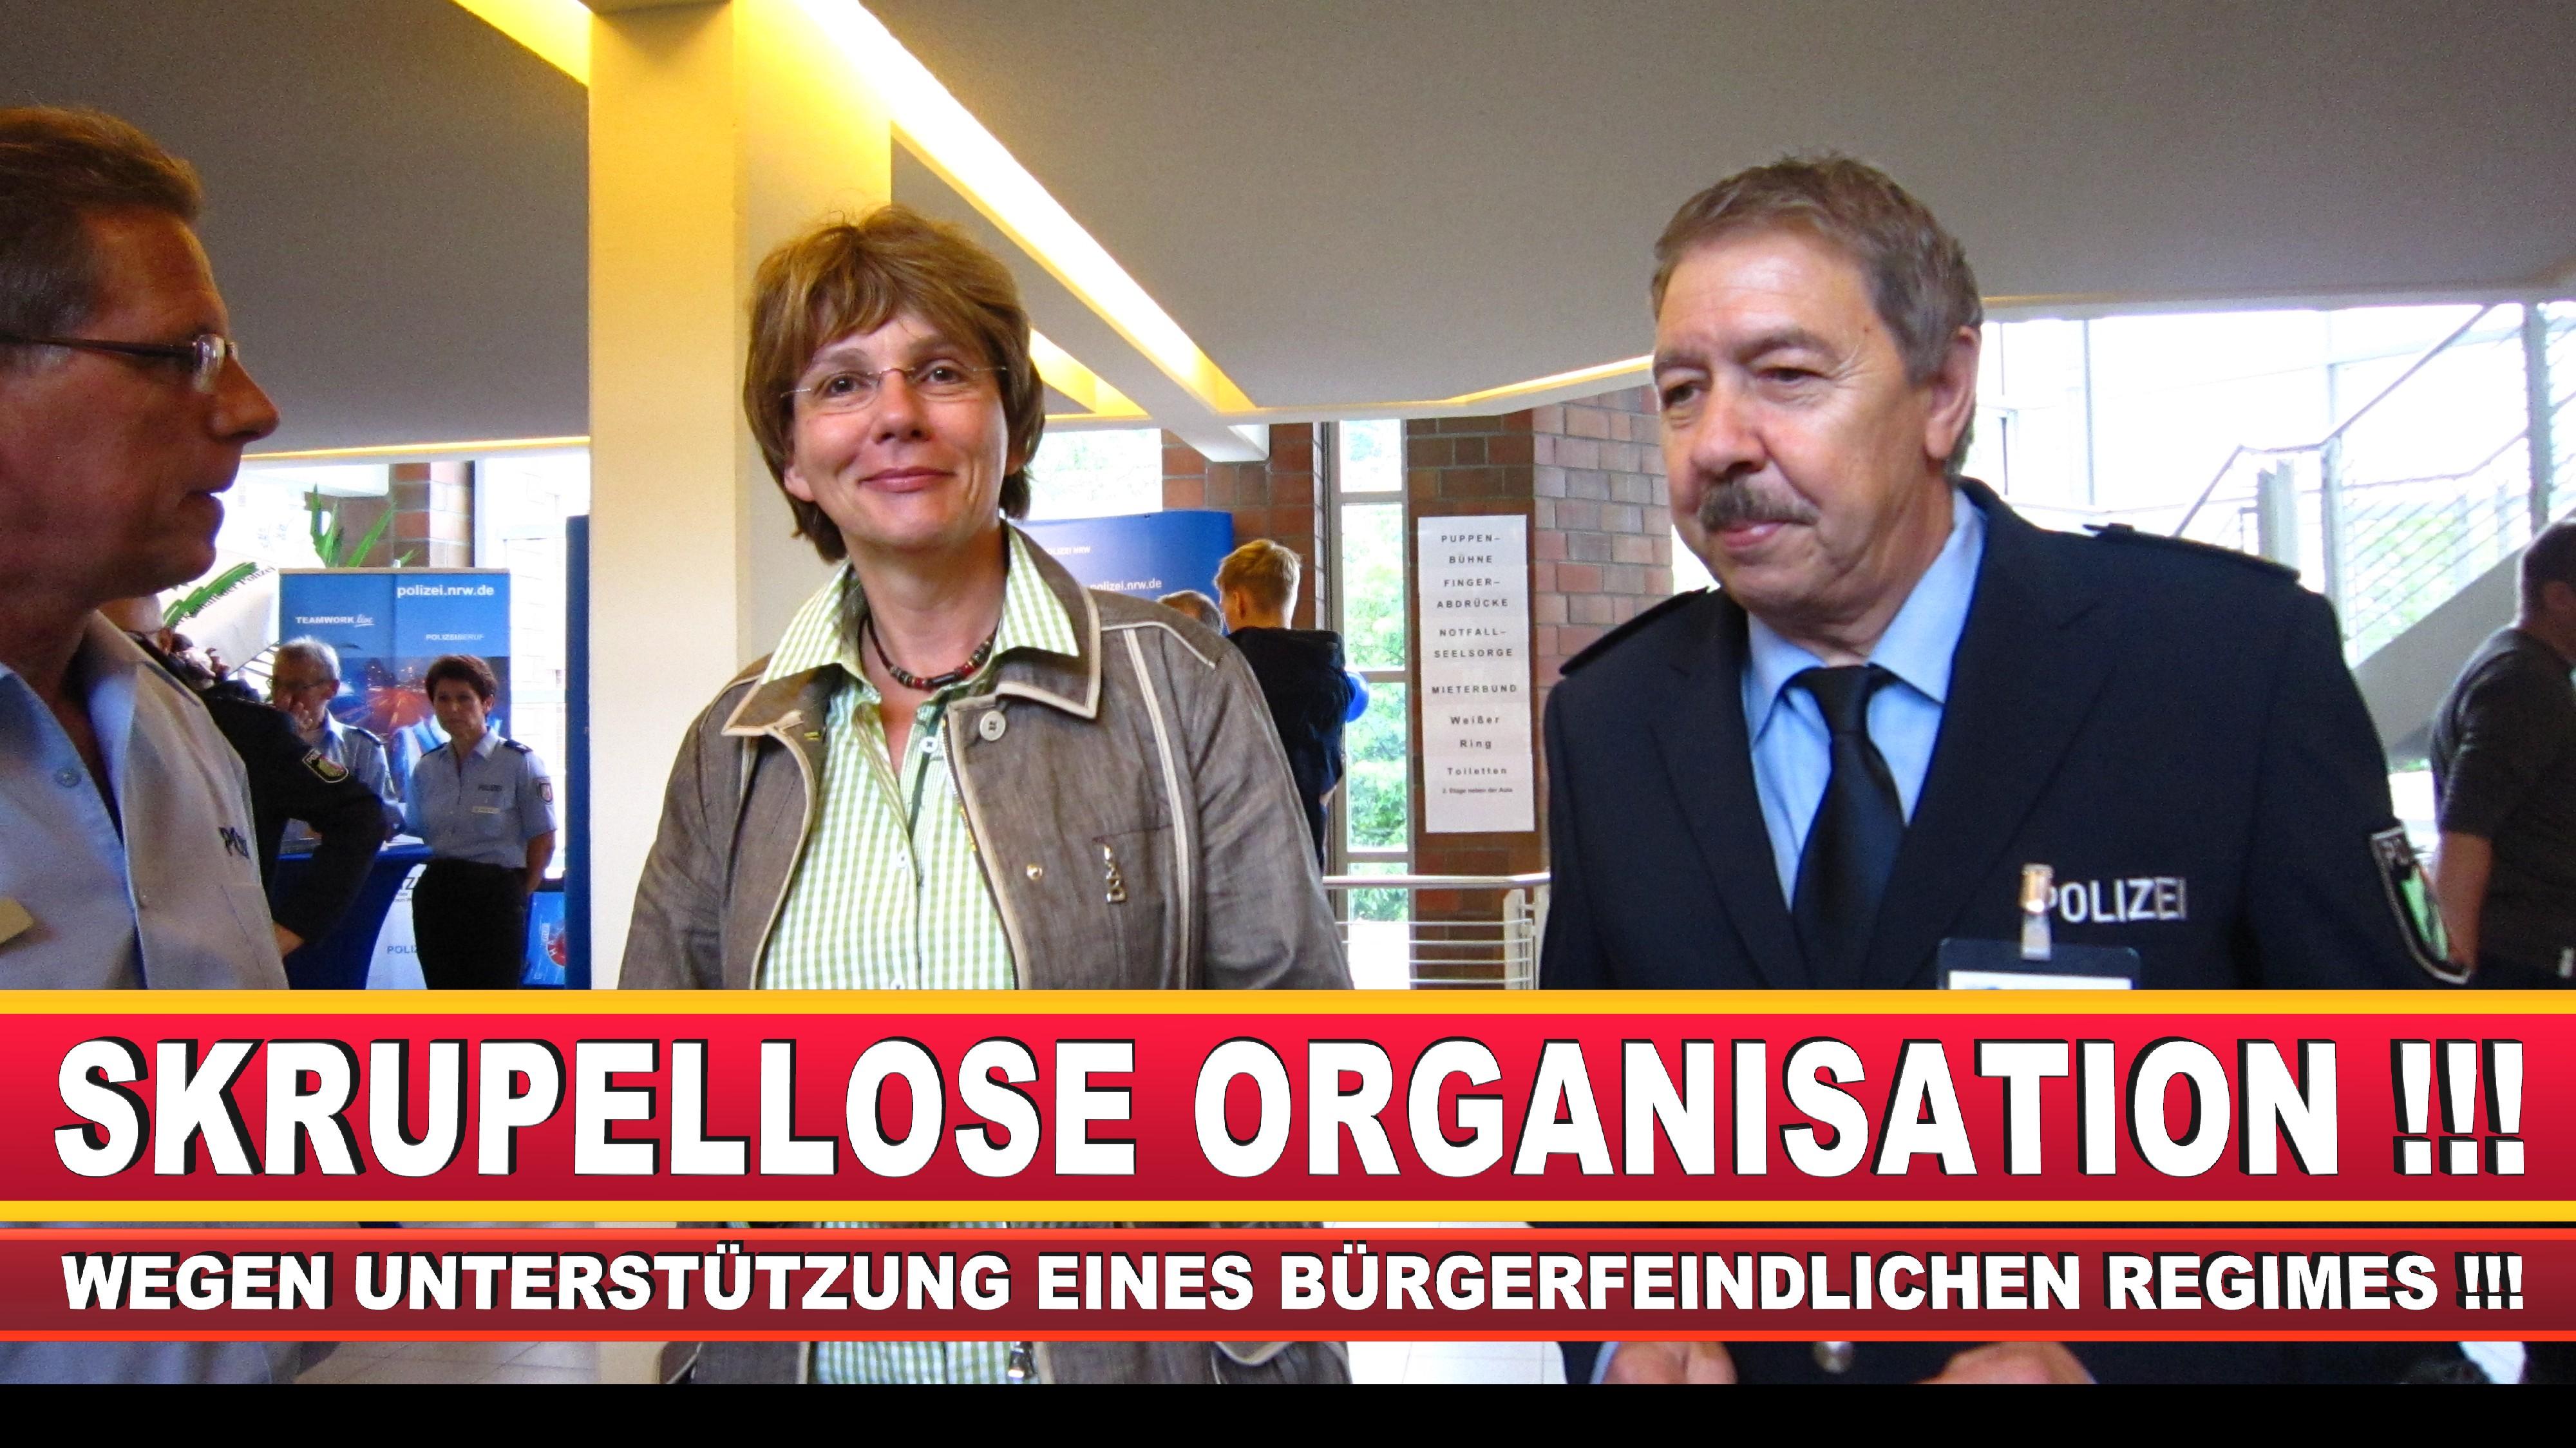 Polizeipräsidentin Katharina Giere Polizei Bielefeld NRW Erwin Südfeld Horst Kruse Polizeiuniform Polizeigewalt DEMONSTRATION Bahnhof (26)